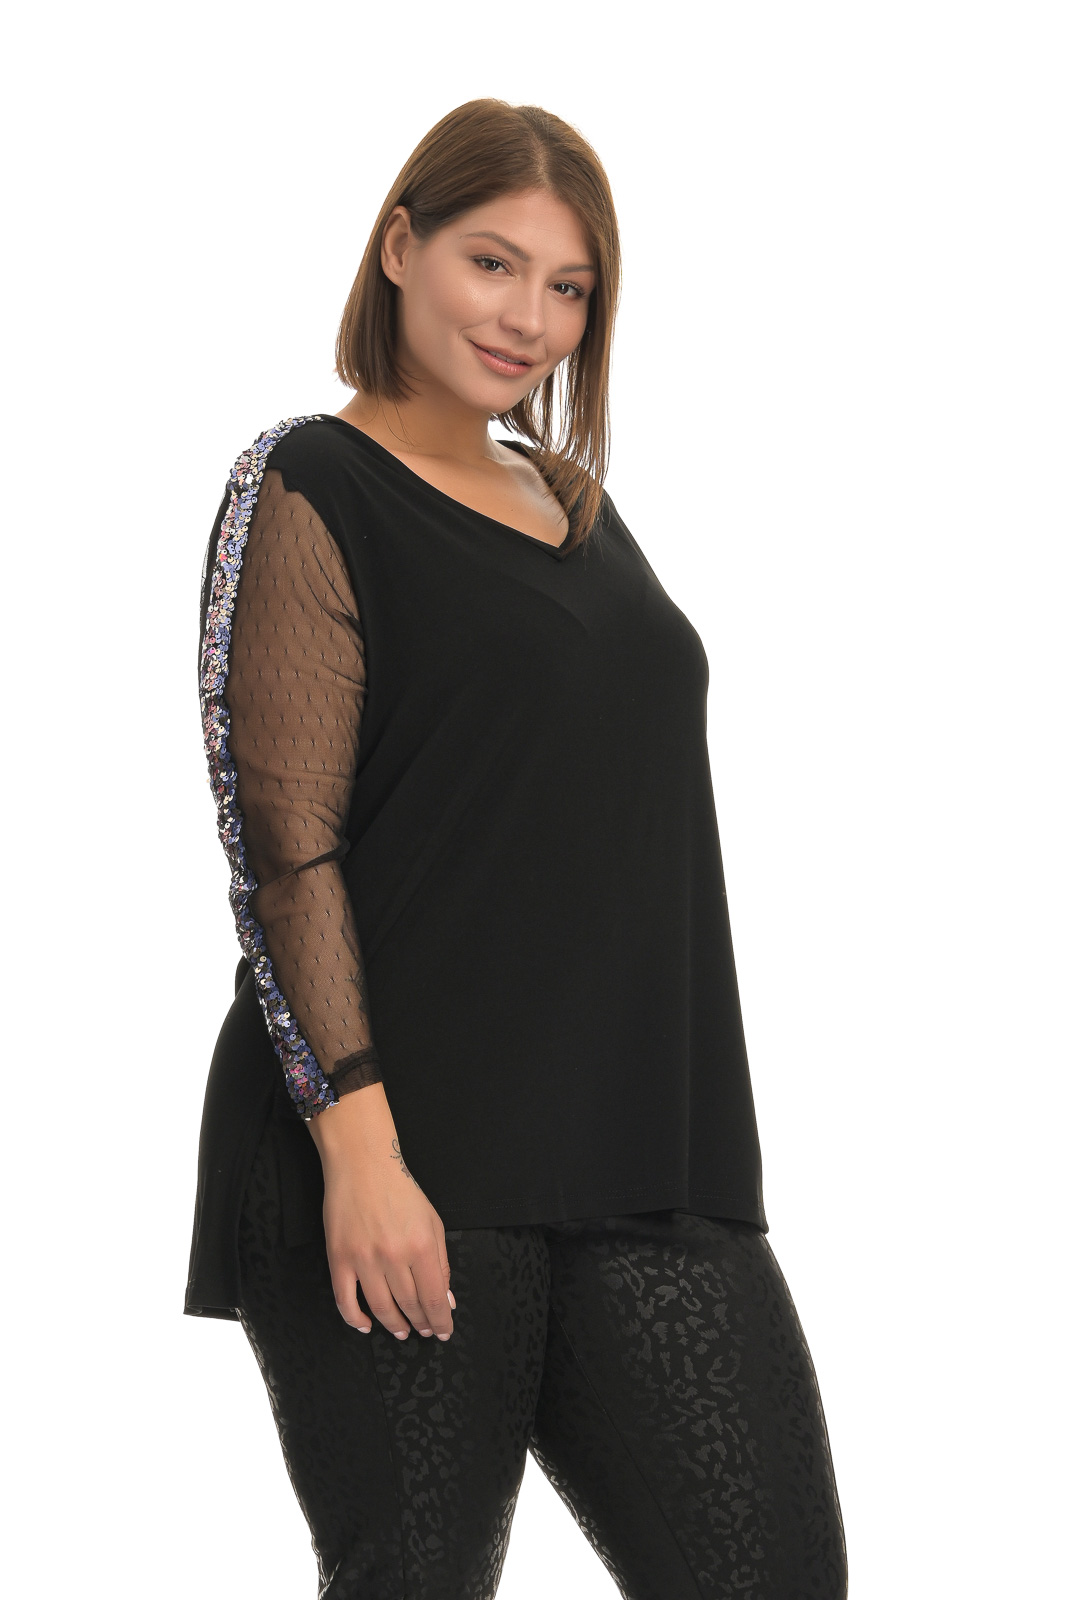 Μπλούζα μεγάλα μεγέθη διαφάνεια παγιέτα στα μανίκια ασύμμετρη.Στο eshop μας θα βρείτε οικονομικά γυναίκεια ρούχα σε μεγάλα μεγέθη και υπερμεγέθη.